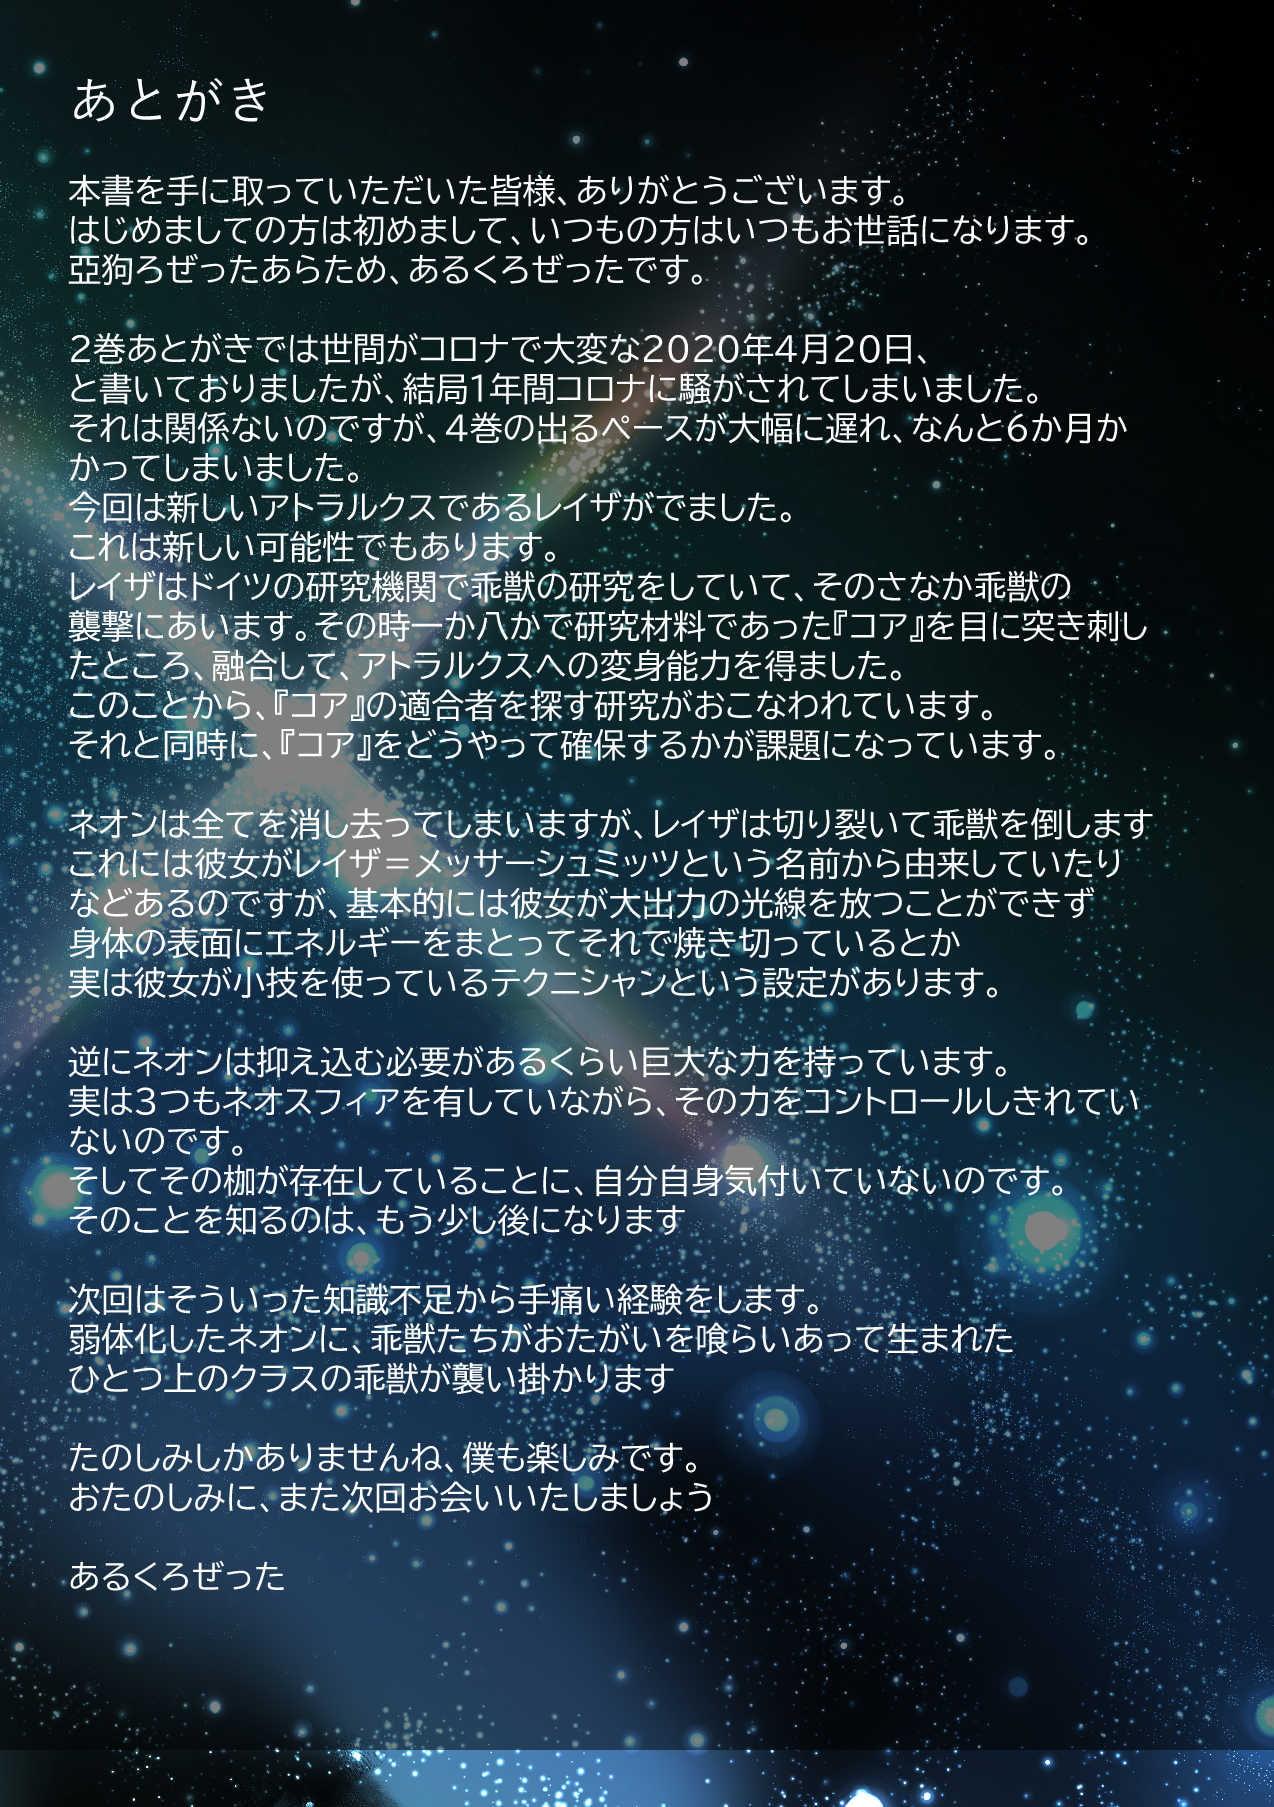 RJ322922 超光闘女アトラルクス(4) [20210402]